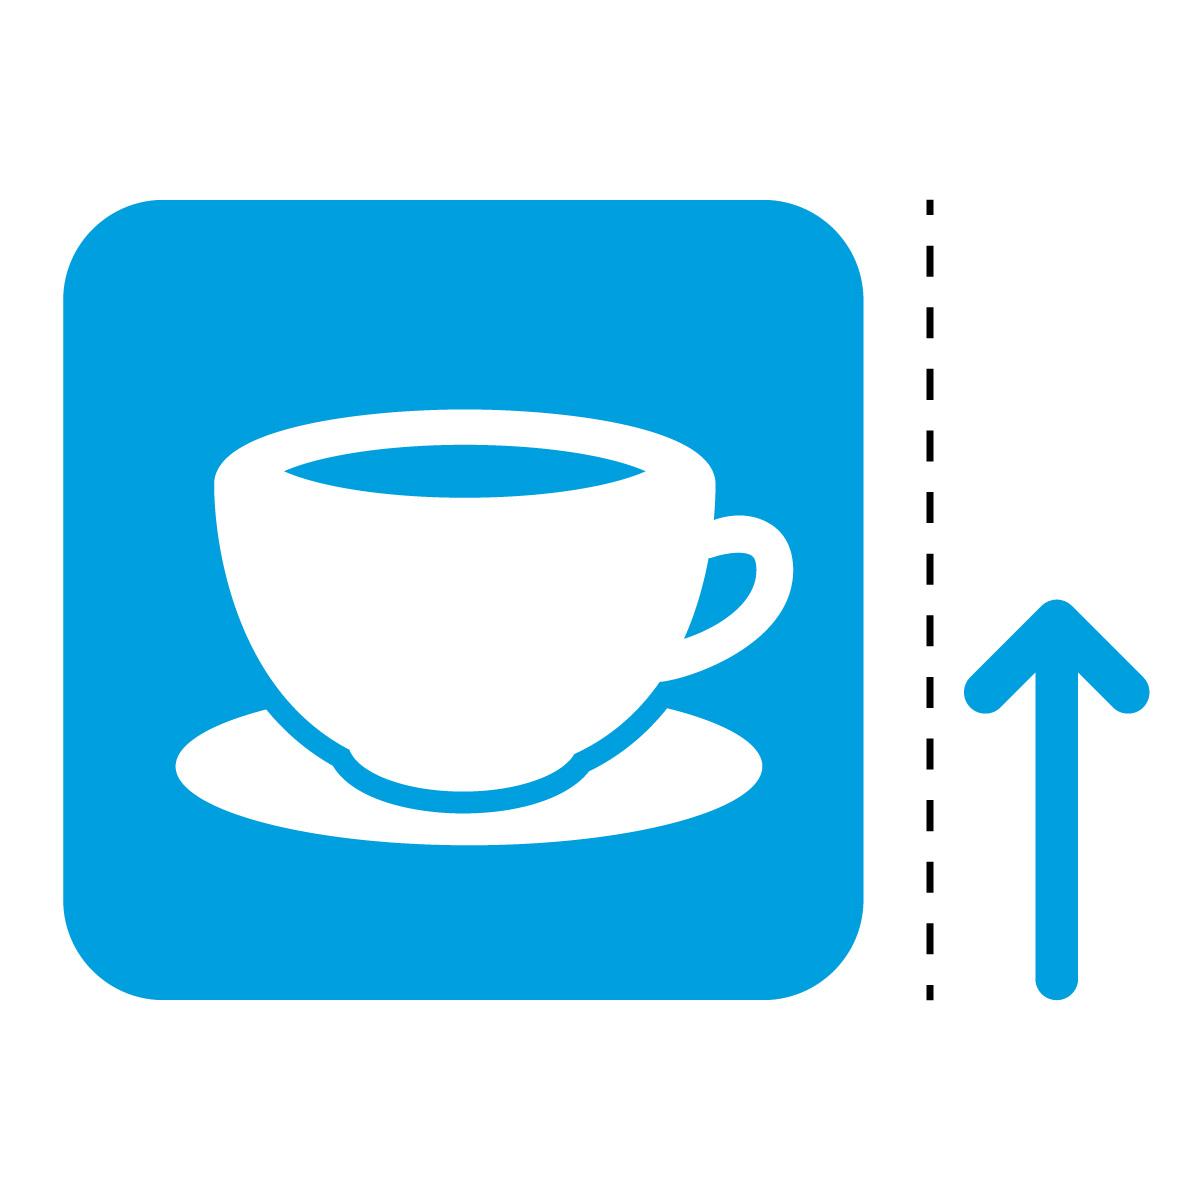 青色のコーヒー カフェ 喫茶店 案内 マーク(矢印付き)のカッティング ステッカー シール 光沢タイプ・防水・耐水・屋外耐候3~4年